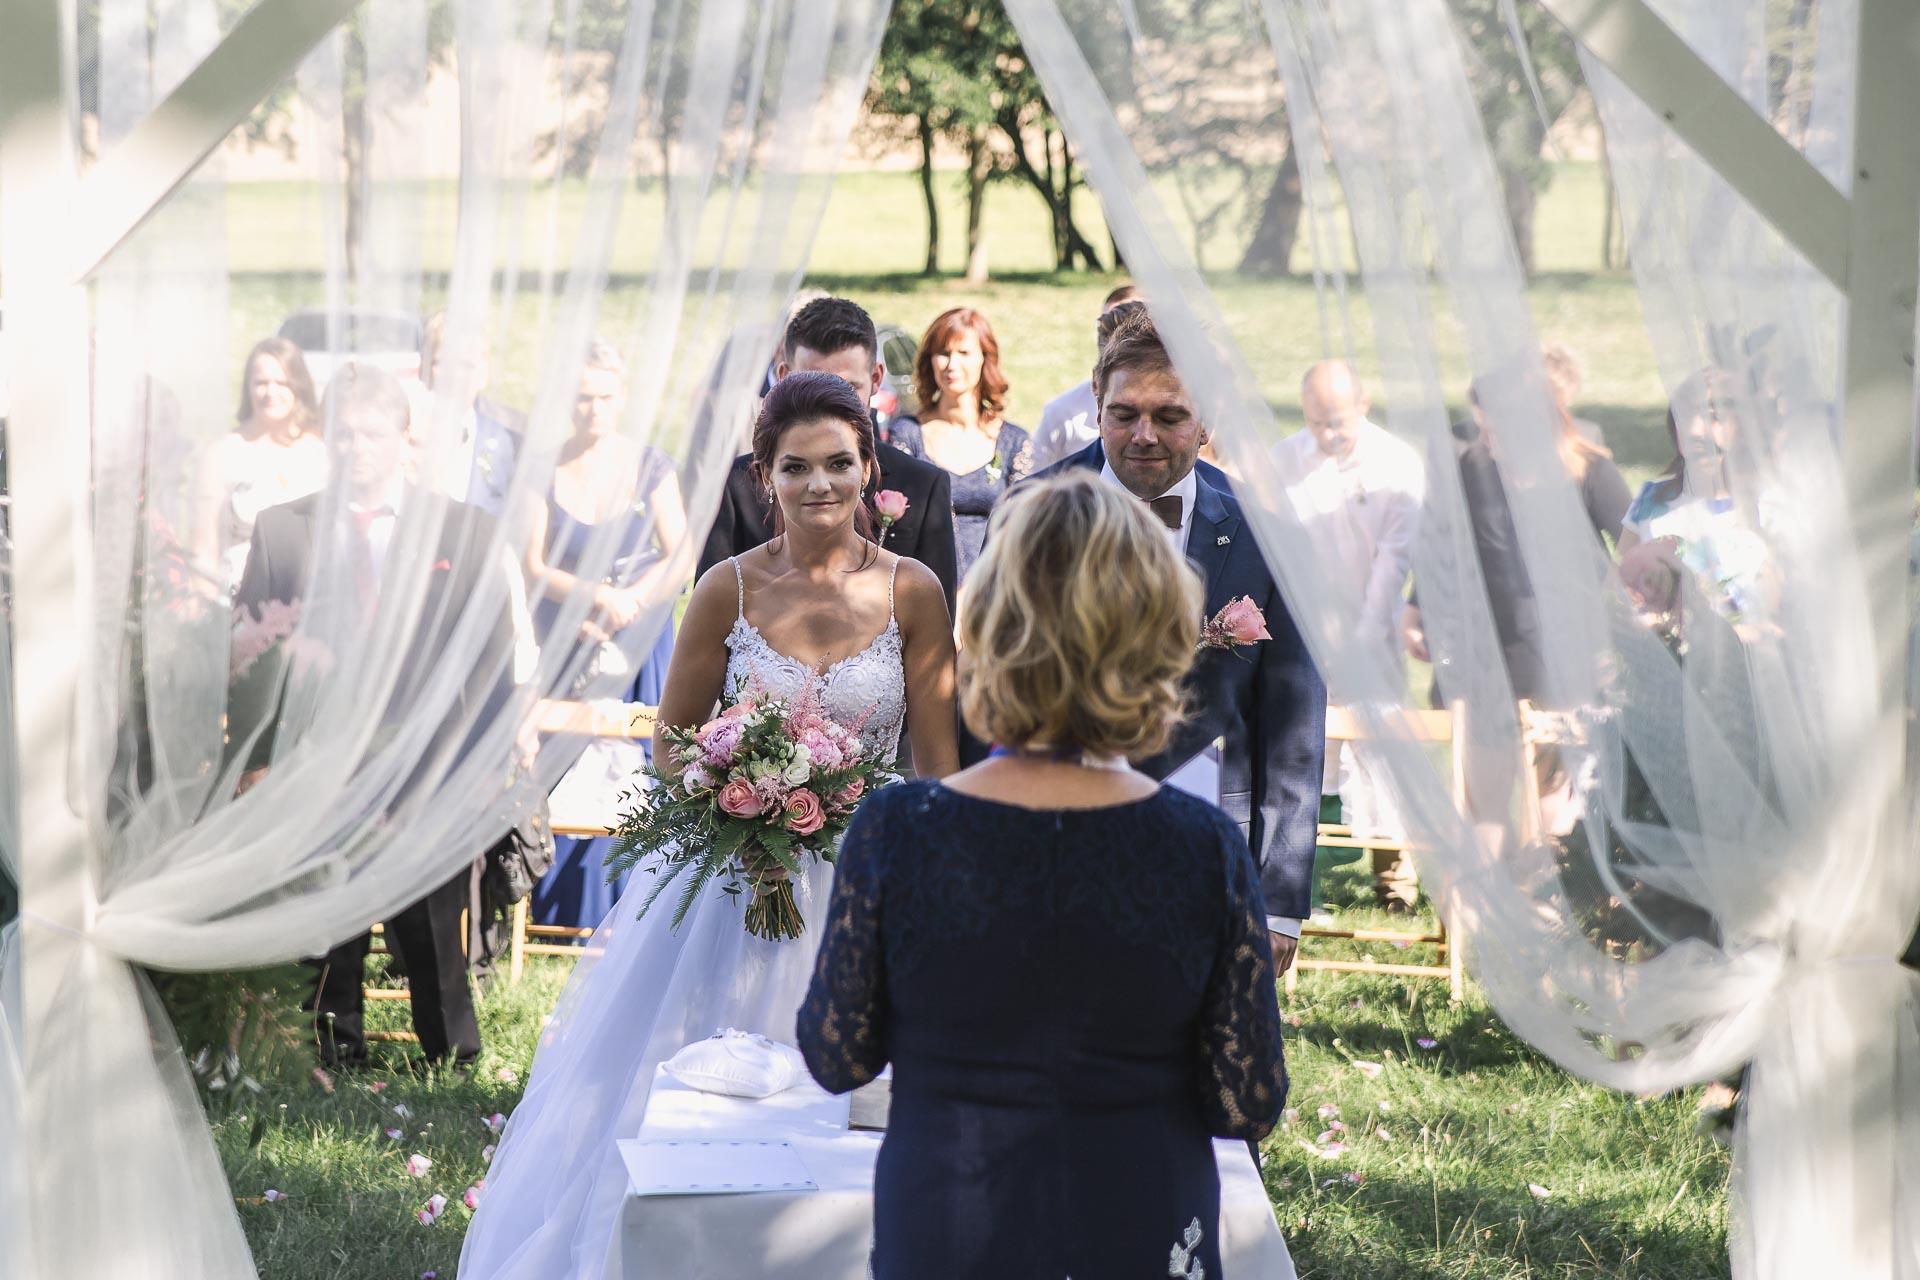 svatební-fotografie-Říp-svatební-video-ŘÍP-svatební-fotograf-ŘÍP-svatba-Mělník-svatba-Neratovice-fotograf-na-savtbu-kameraman-na-svatbu-98